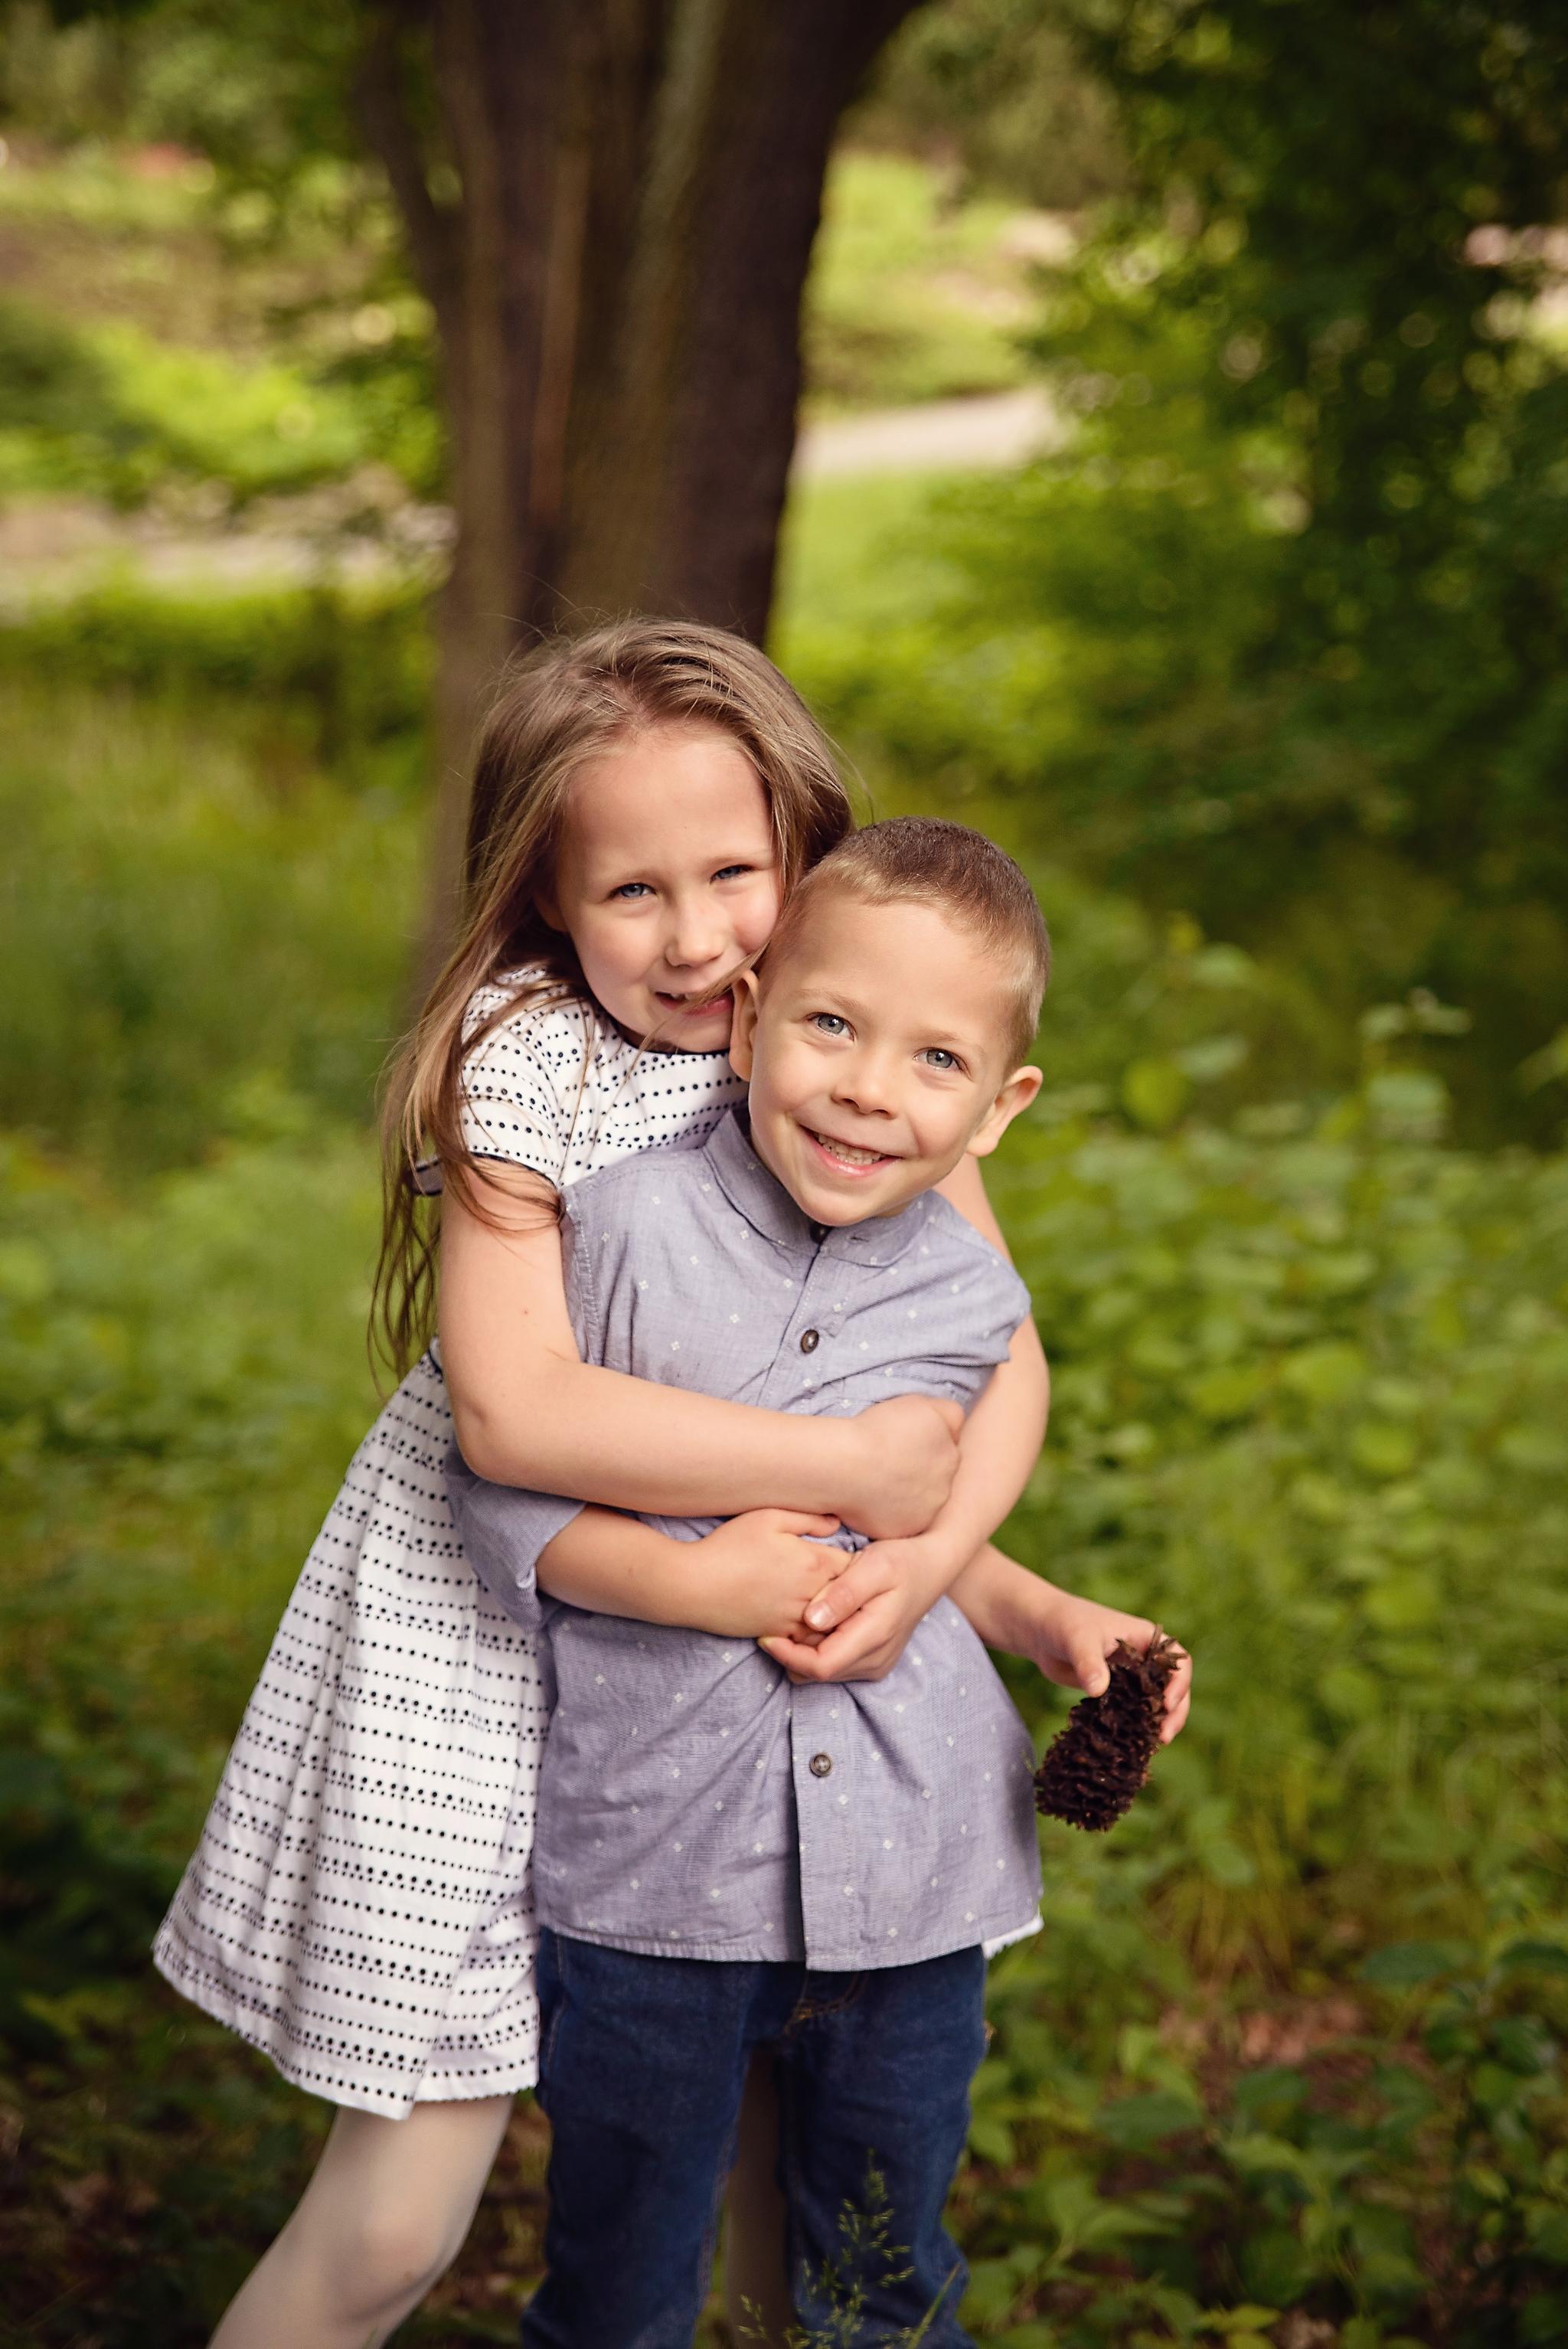 sesja brat i siostra Sesja dziecięca w azaliach i rododendronach